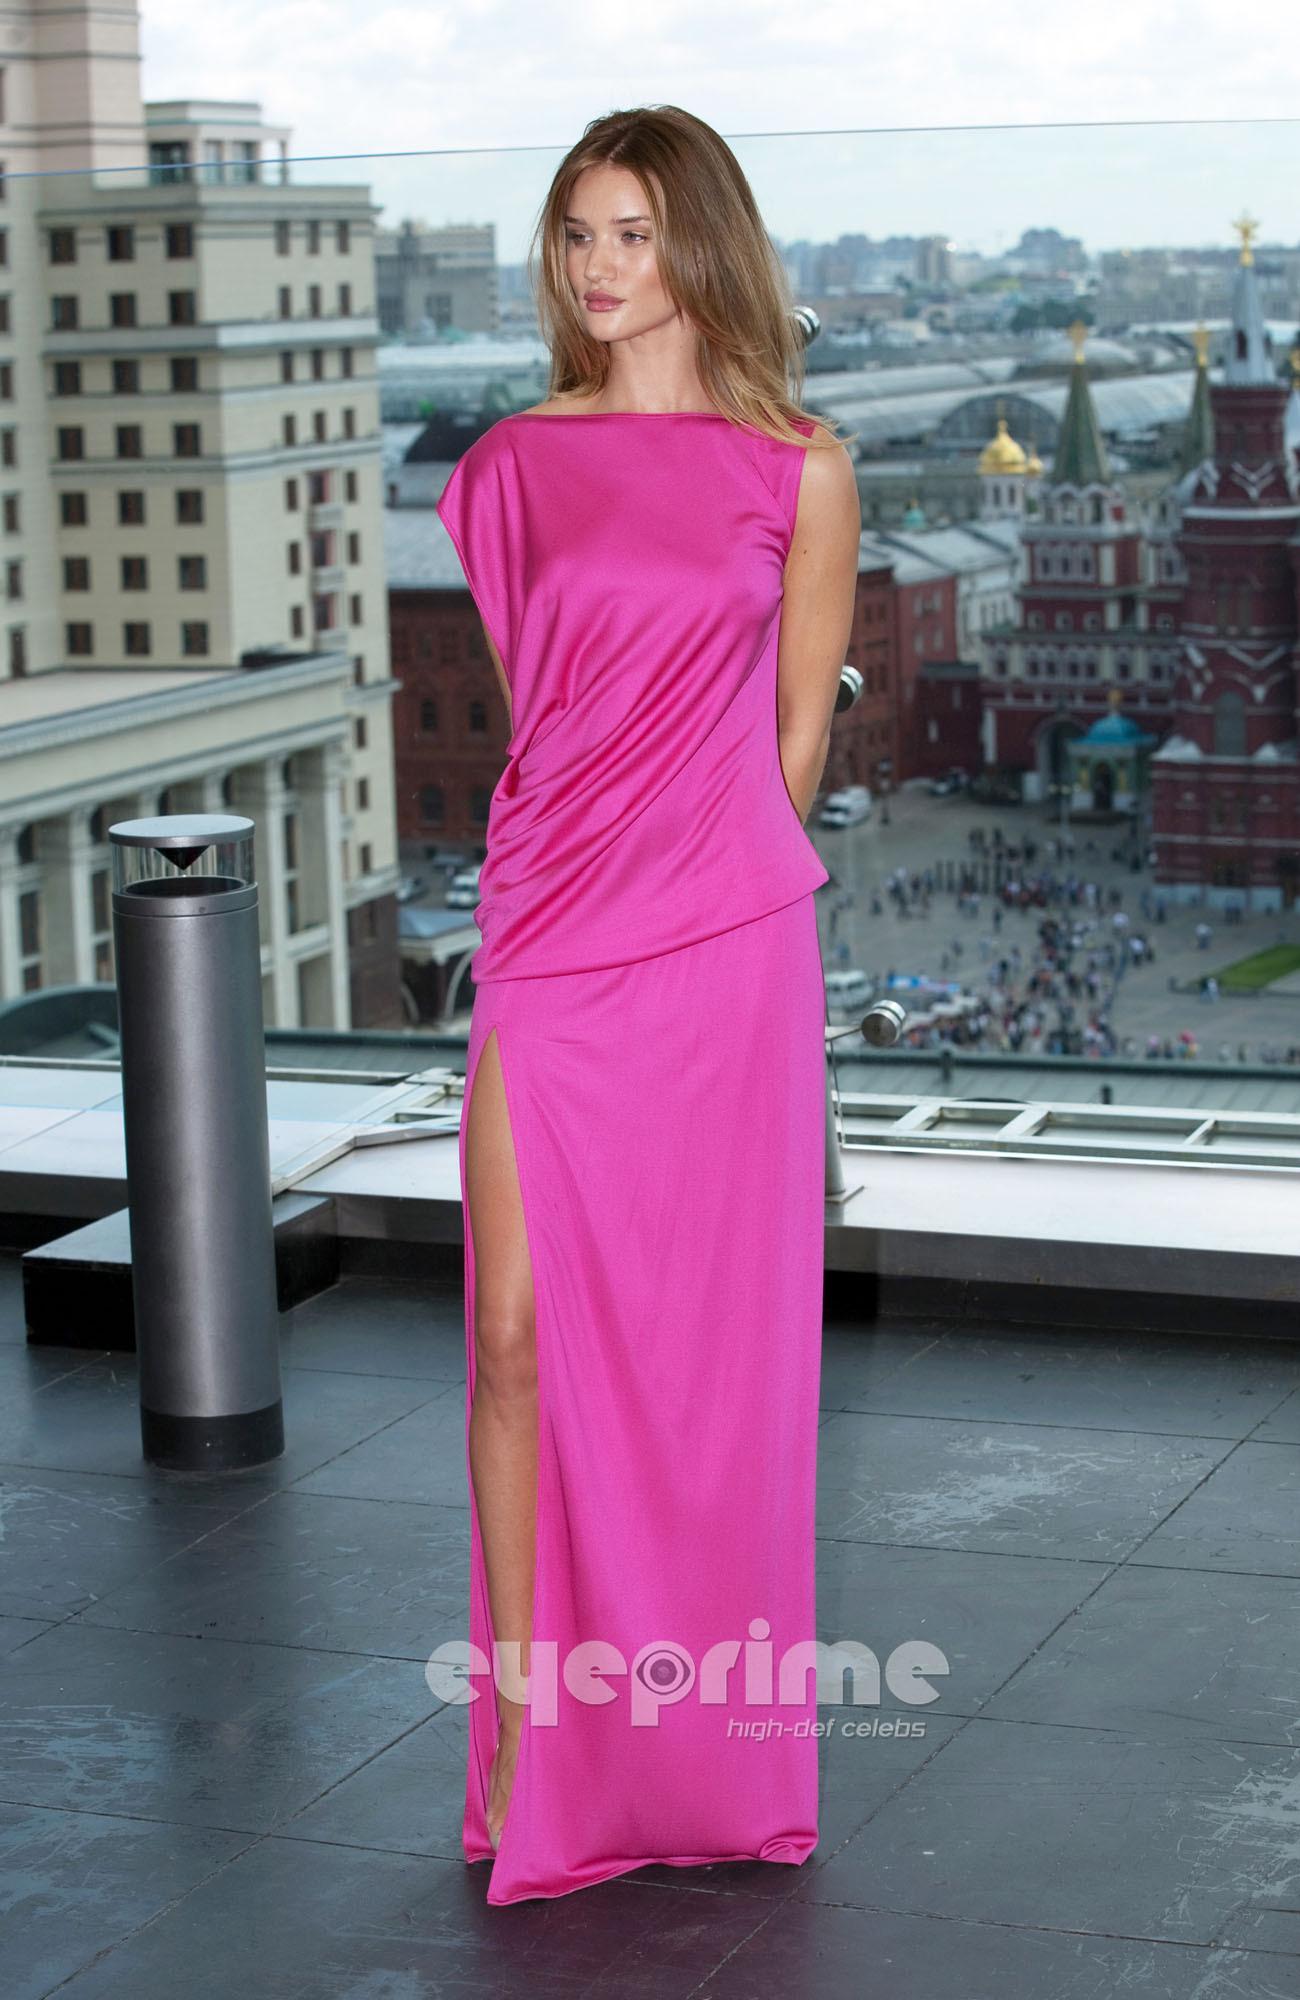 Выкройка платья с заниженной талией Sewing Patterns Fashion 36